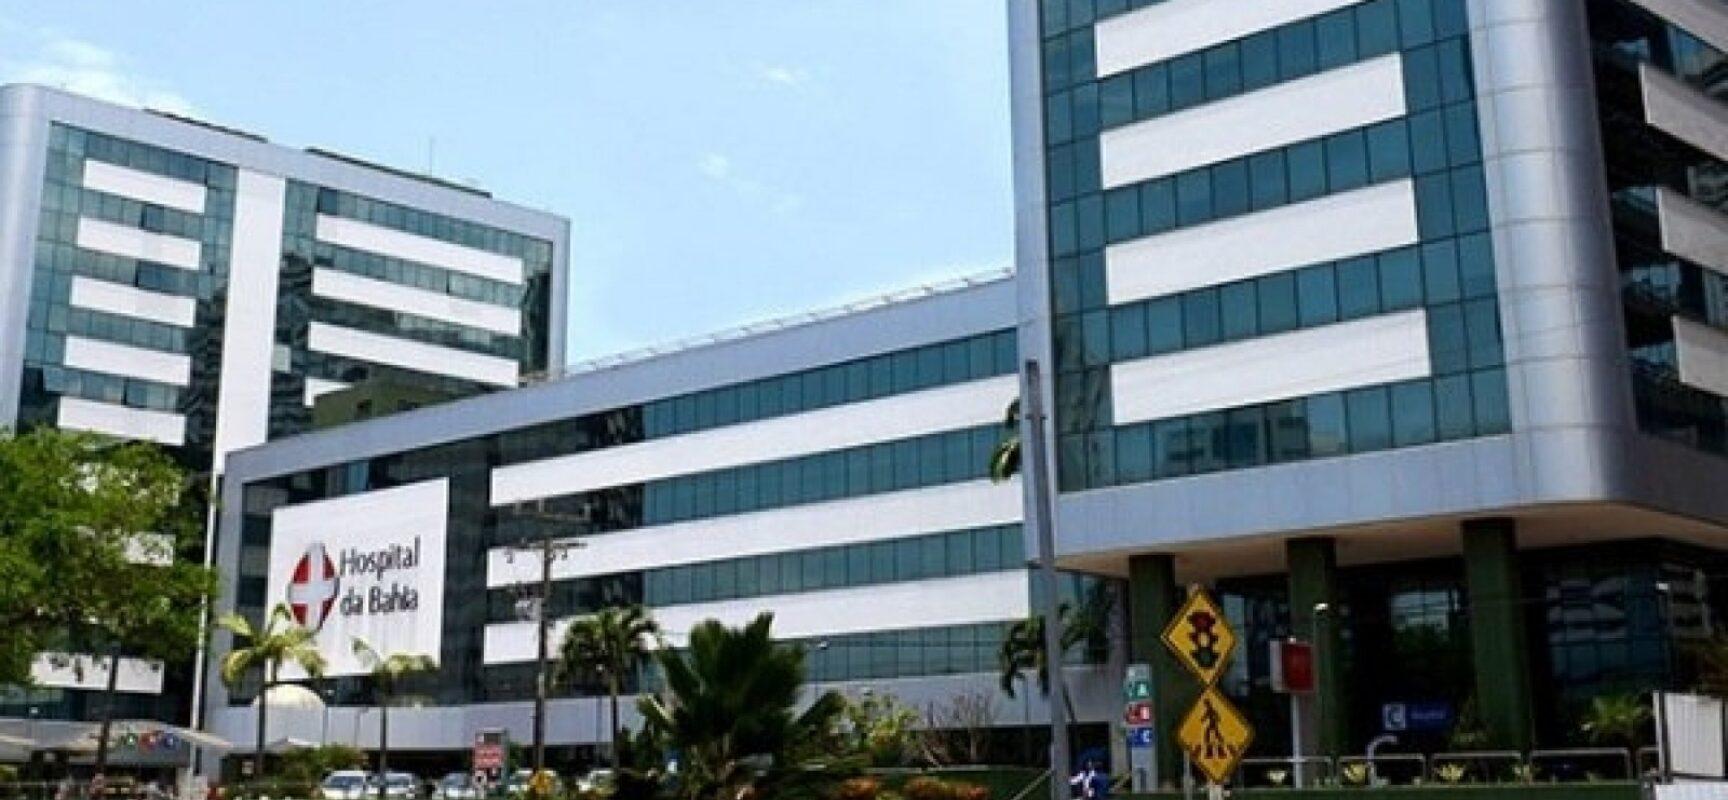 Dasa compra Hospital da Bahia por R$ 850 milhões